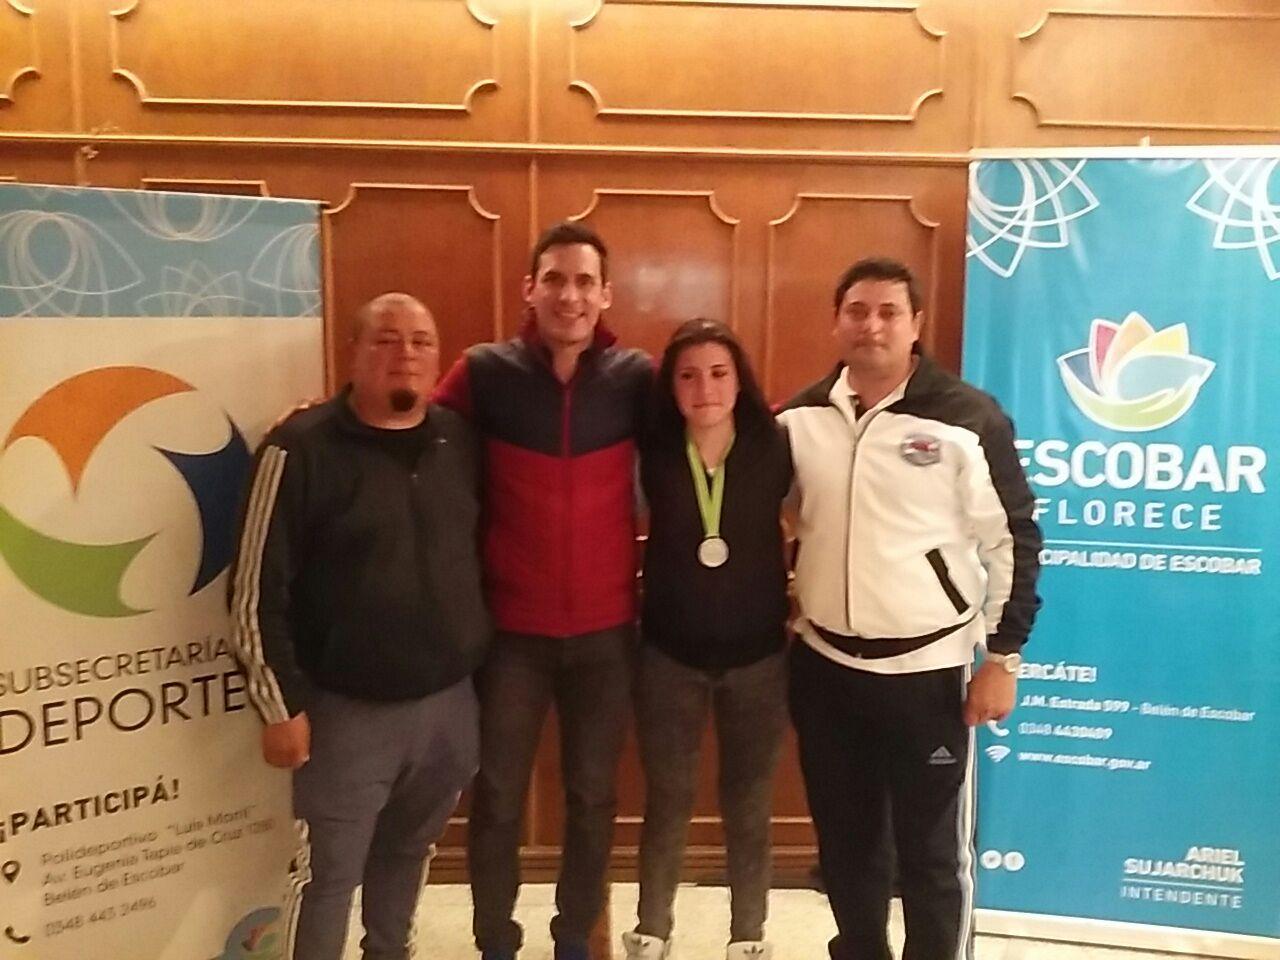 Iara Rota en la foto  junto a Gabriel Aguilar y Sebastián Crismanich